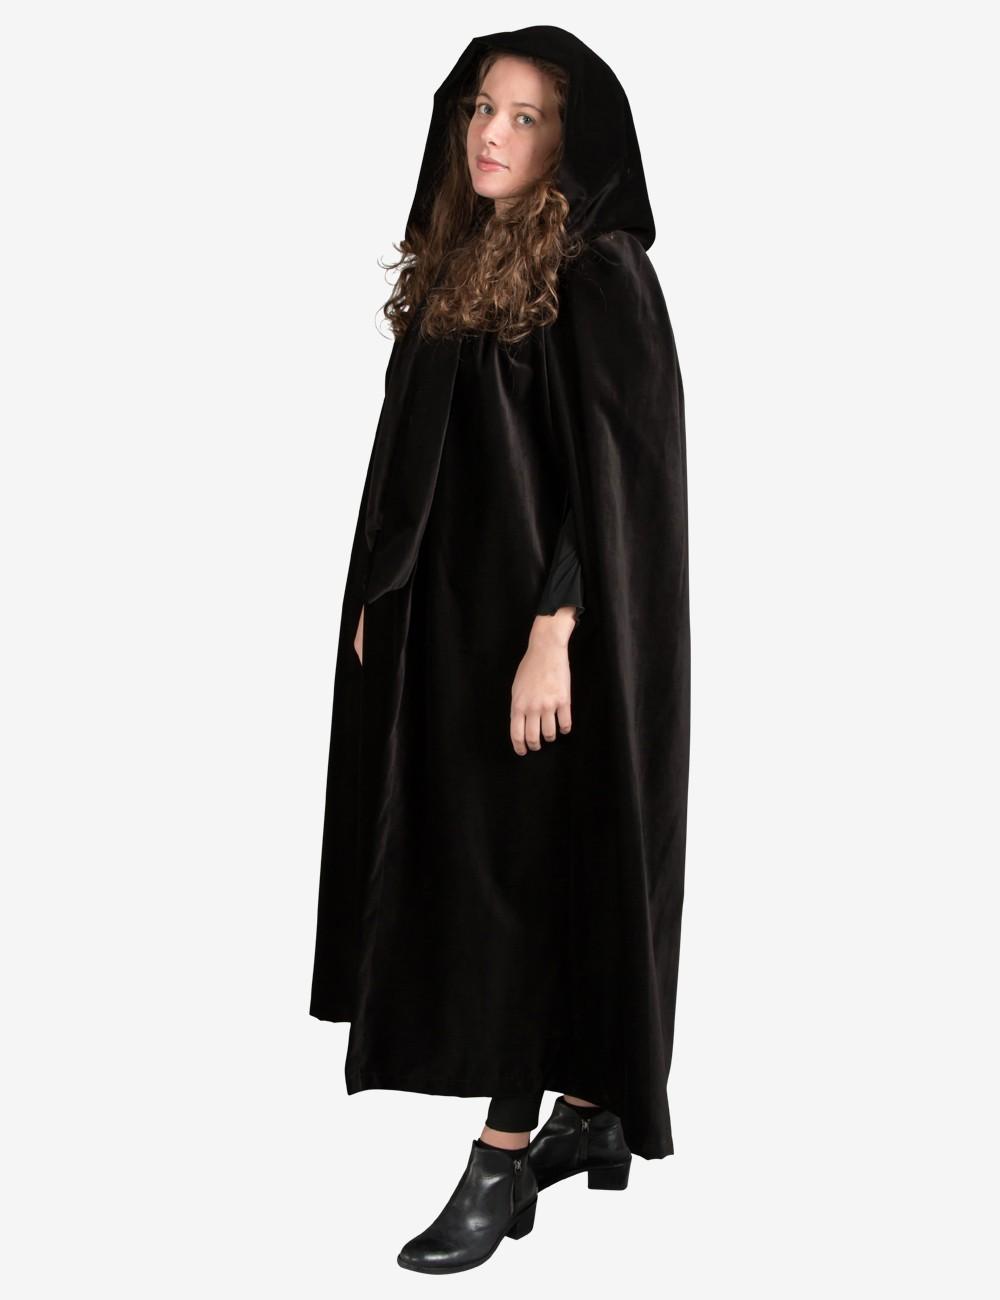 NEW Full Length Lined Deluxe Velvet Adults Cloak//Cape Hood Holloween Custome/'s